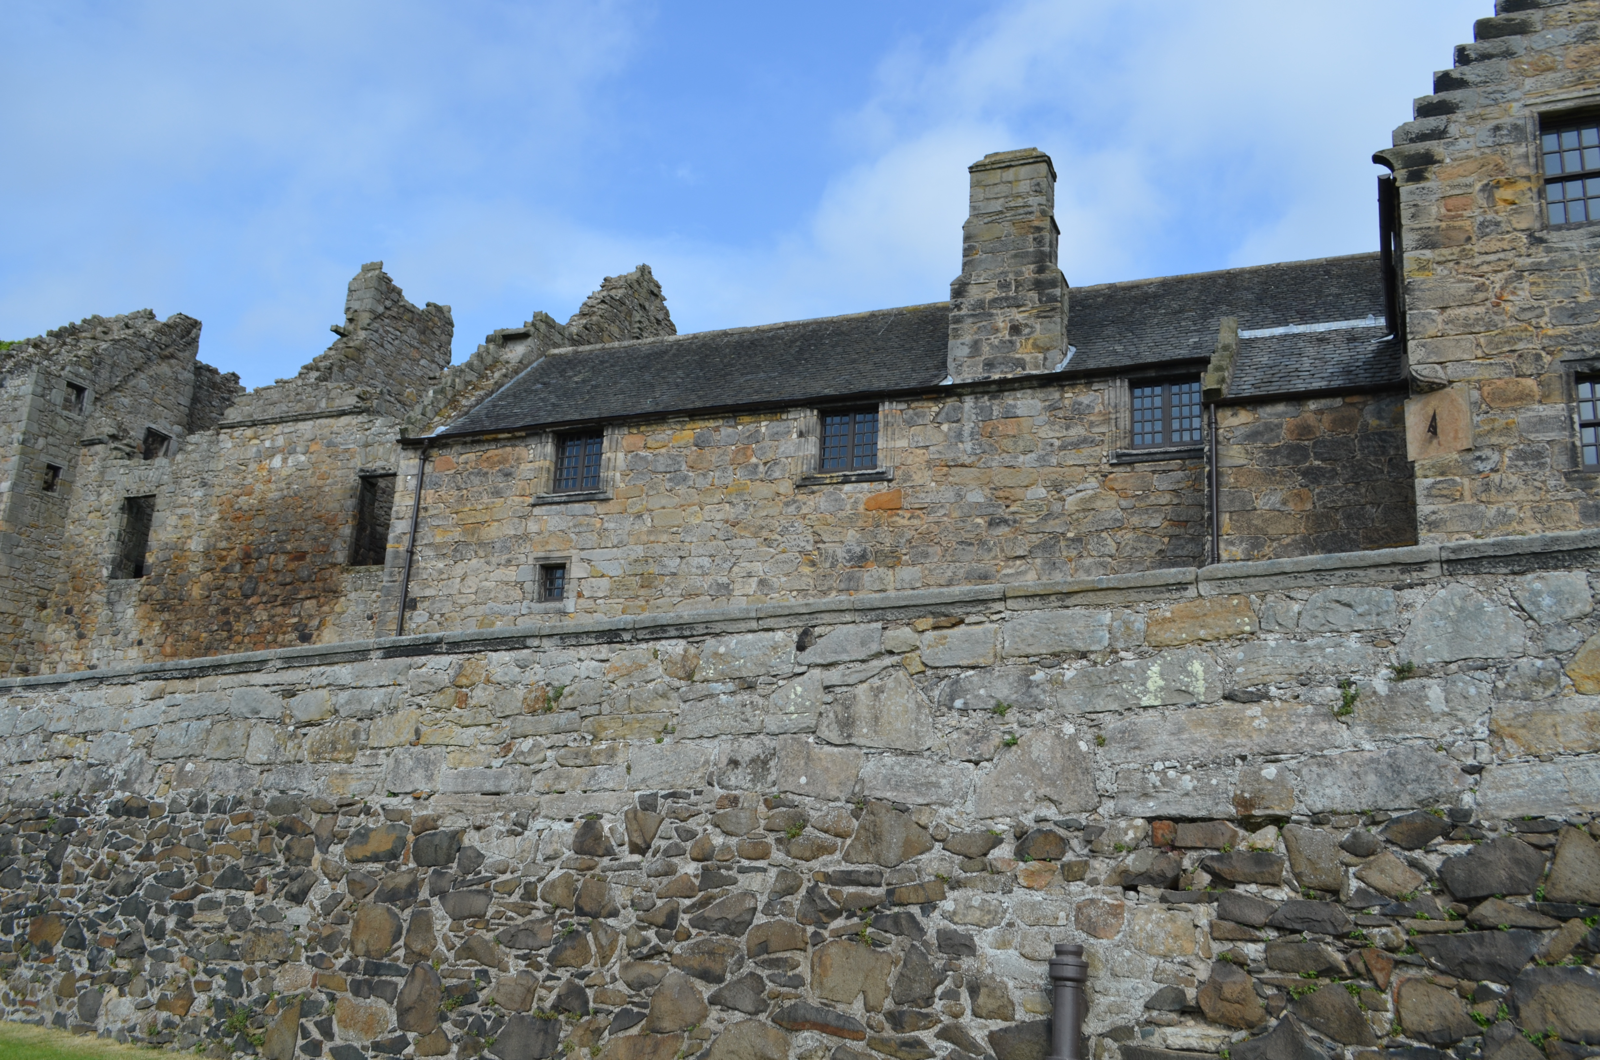 Aberdour Castle, Outlander, To Ransom a Man's Soul